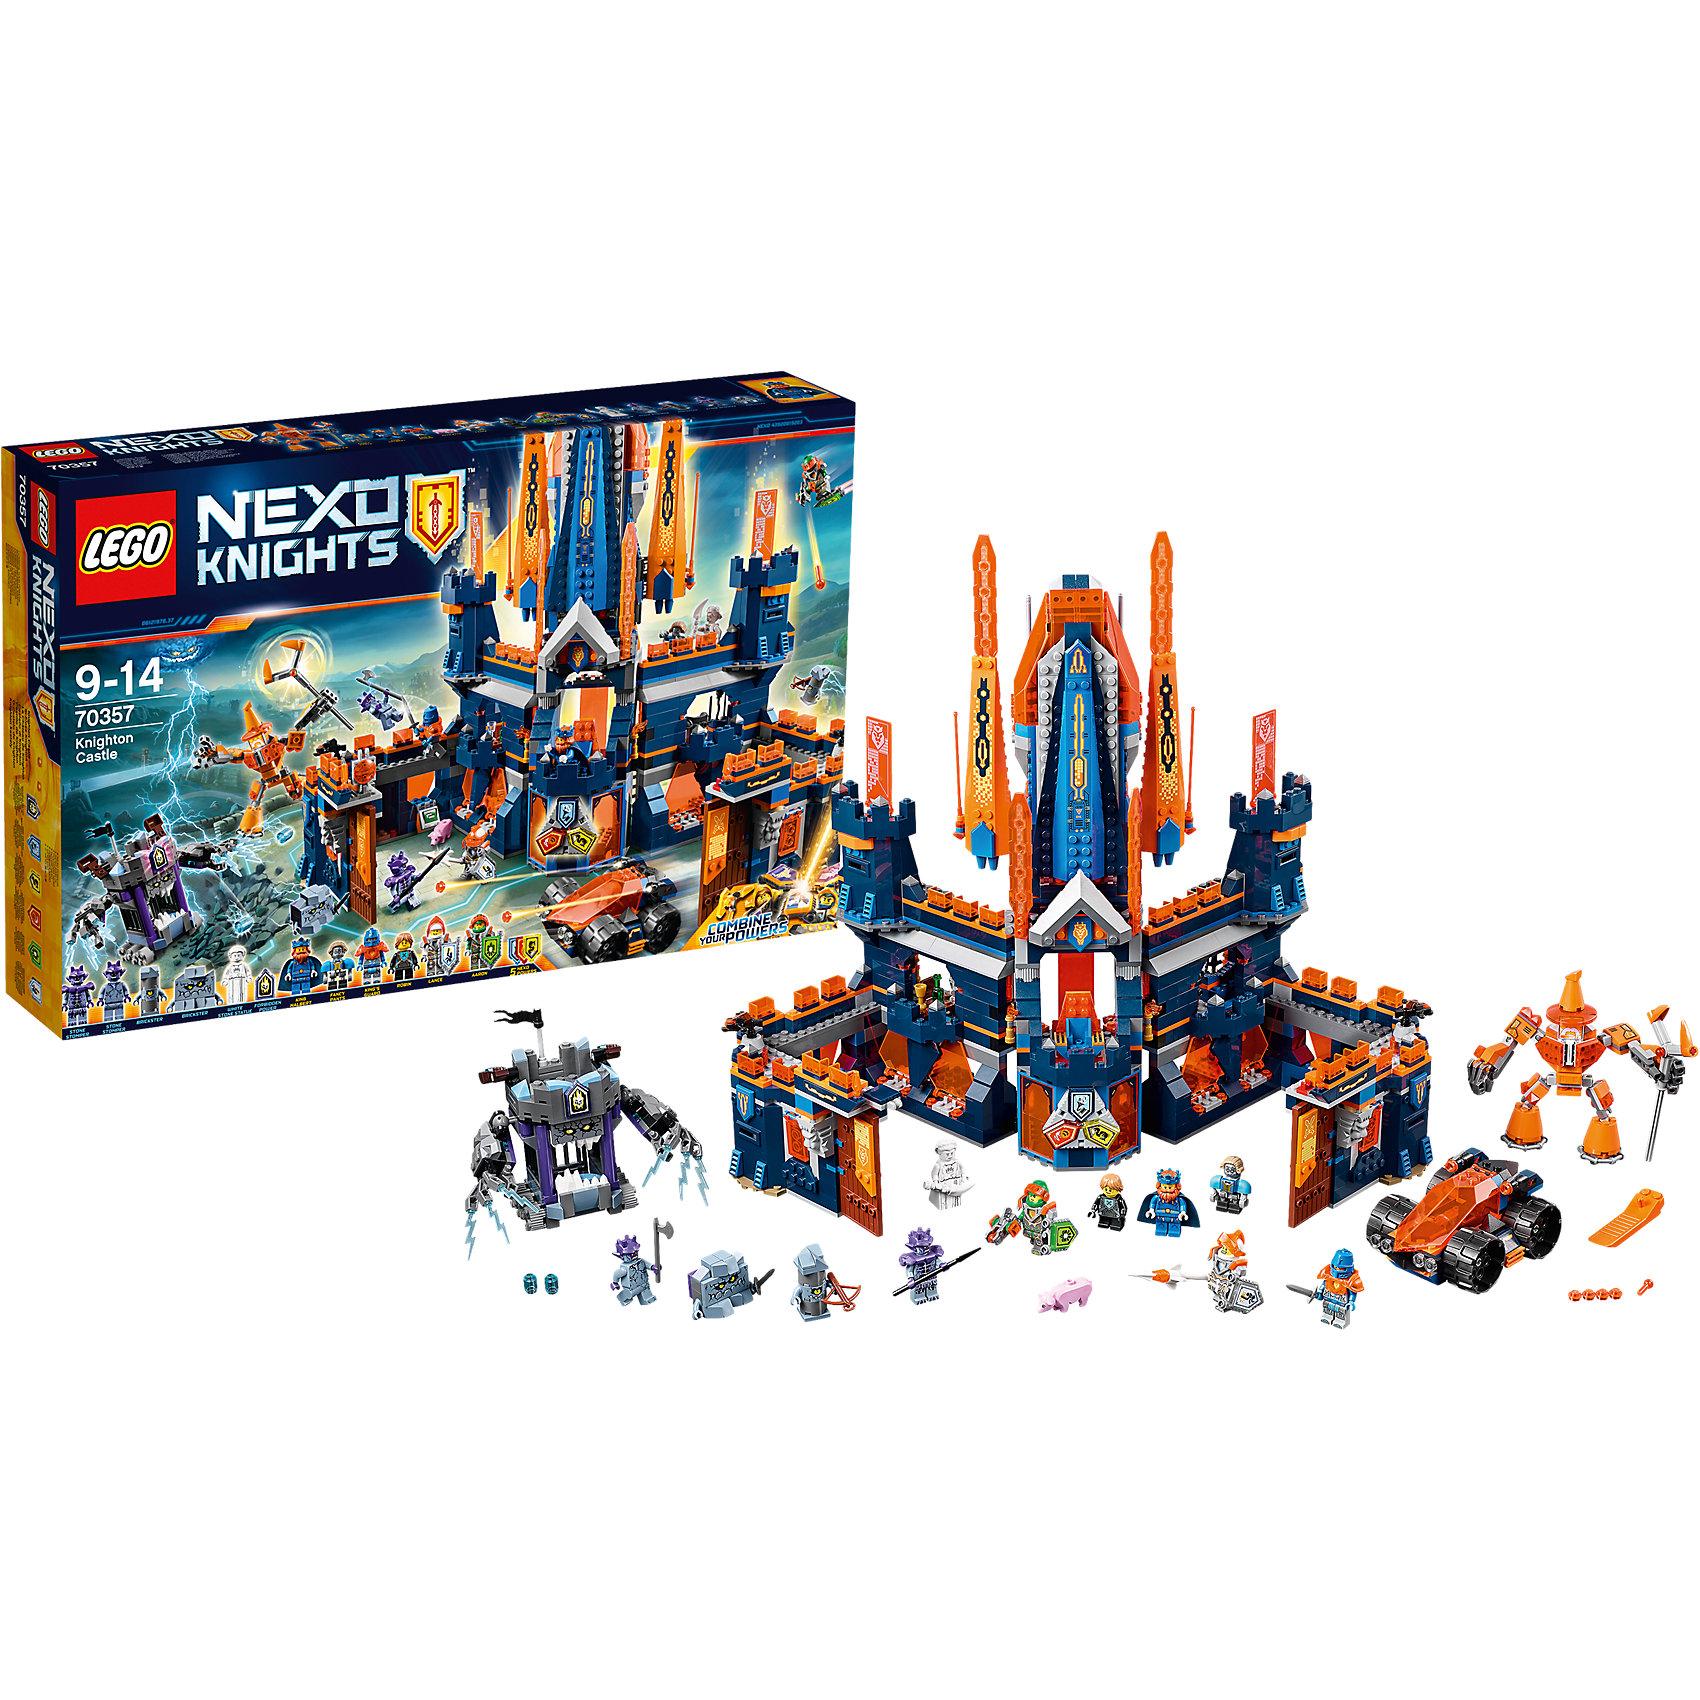 Конструктор Lego Nexo Knights 70357: Королевский замок НайтонПластмассовые конструкторы<br>Характеристики товара:<br><br>• возраст: от 9 лет;<br>• материал: пластик;<br>• в комплекте: 1426 деталей;<br>• количество минифигурок: 11;<br>• размер упаковки: 58,2х37,8х10,3 см;<br>• вес упаковки: 2,45 кг;<br>• страна производитель: Чехия.<br><br>Конструктор Lego Nexo Knights «Королевский замок Найтон» входит в серию Лего Нексо Найтс, которая повествует о королевстве Найтония и отважных рыцарях Нексо. Шут Джестро решил захватить трон королевства и создал армию Каменных монстров. Король Хальберт укрывается в своем замке, оснащенном большими стенами, башнями и оружием. Ему на помощь приходят отважные рыцари и маг Мерлок.<br><br>Из элементов конструктора предстоит собрать целых 11 фигурок персонажей, замок, машину, тюрьму. С ними дети могут придумывать свои захватывающие сюжеты для игры. В набор также включены нексо-силы, которые можно отсканировать через приложение и играть в игру. Сборка конструктора развивает у ребенка логическое мышление, моторику рук, усидчивость.<br><br>Конструктор Lego Nexo Knights «Королевский замок Найтон» можно приобрести в нашем интернет-магазине.<br><br>Ширина мм: 602<br>Глубина мм: 403<br>Высота мм: 228<br>Вес г: 5735<br>Возраст от месяцев: 108<br>Возраст до месяцев: 2147483647<br>Пол: Мужской<br>Возраст: Детский<br>SKU: 5619989